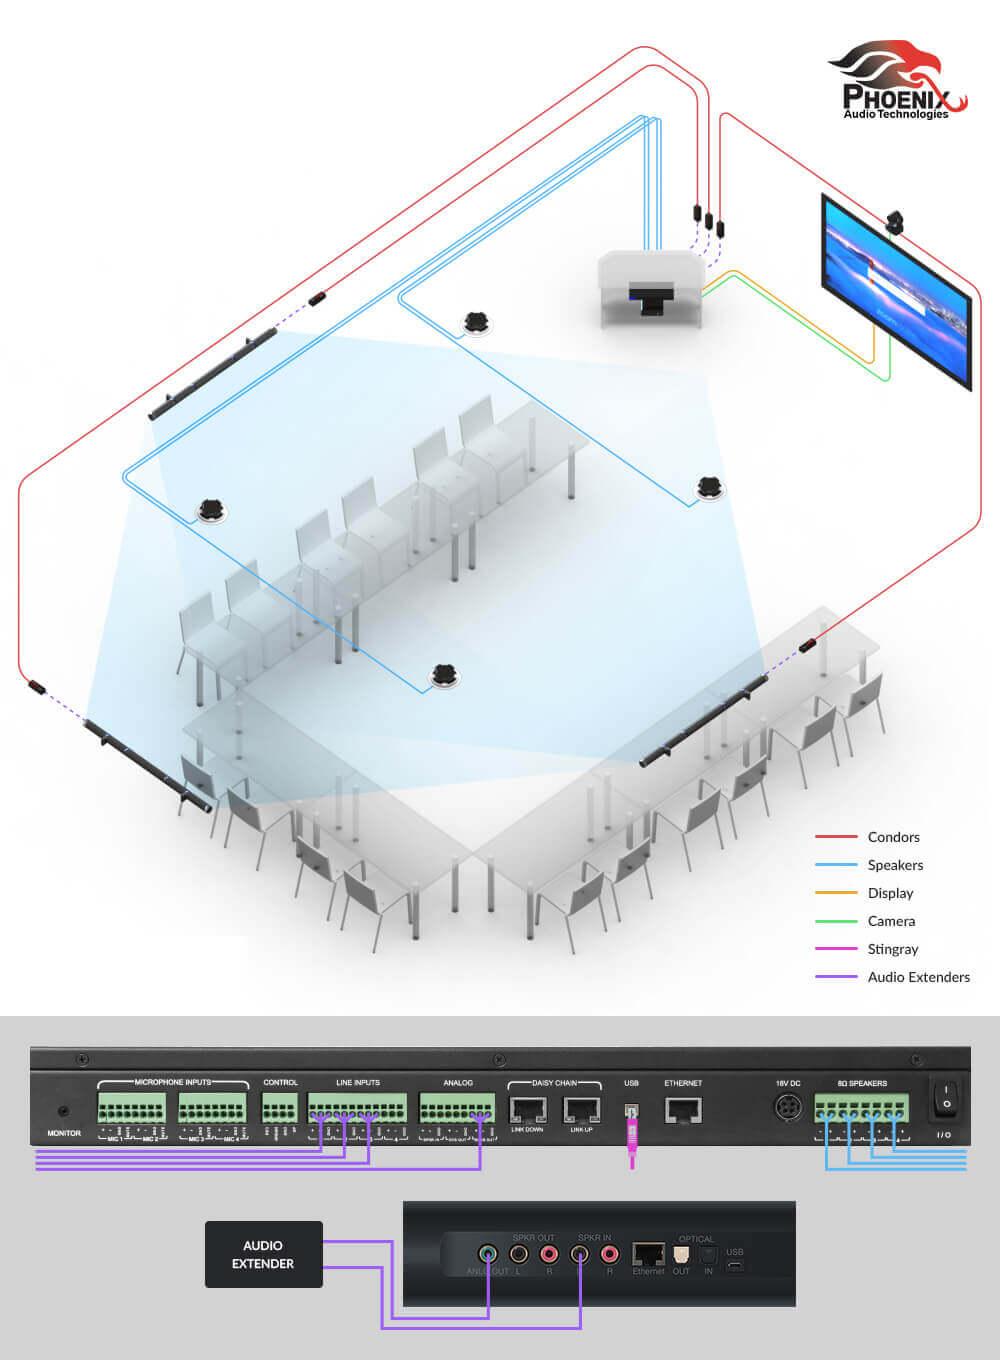 Комплект Phoenix Audio Condor Expansion Kit